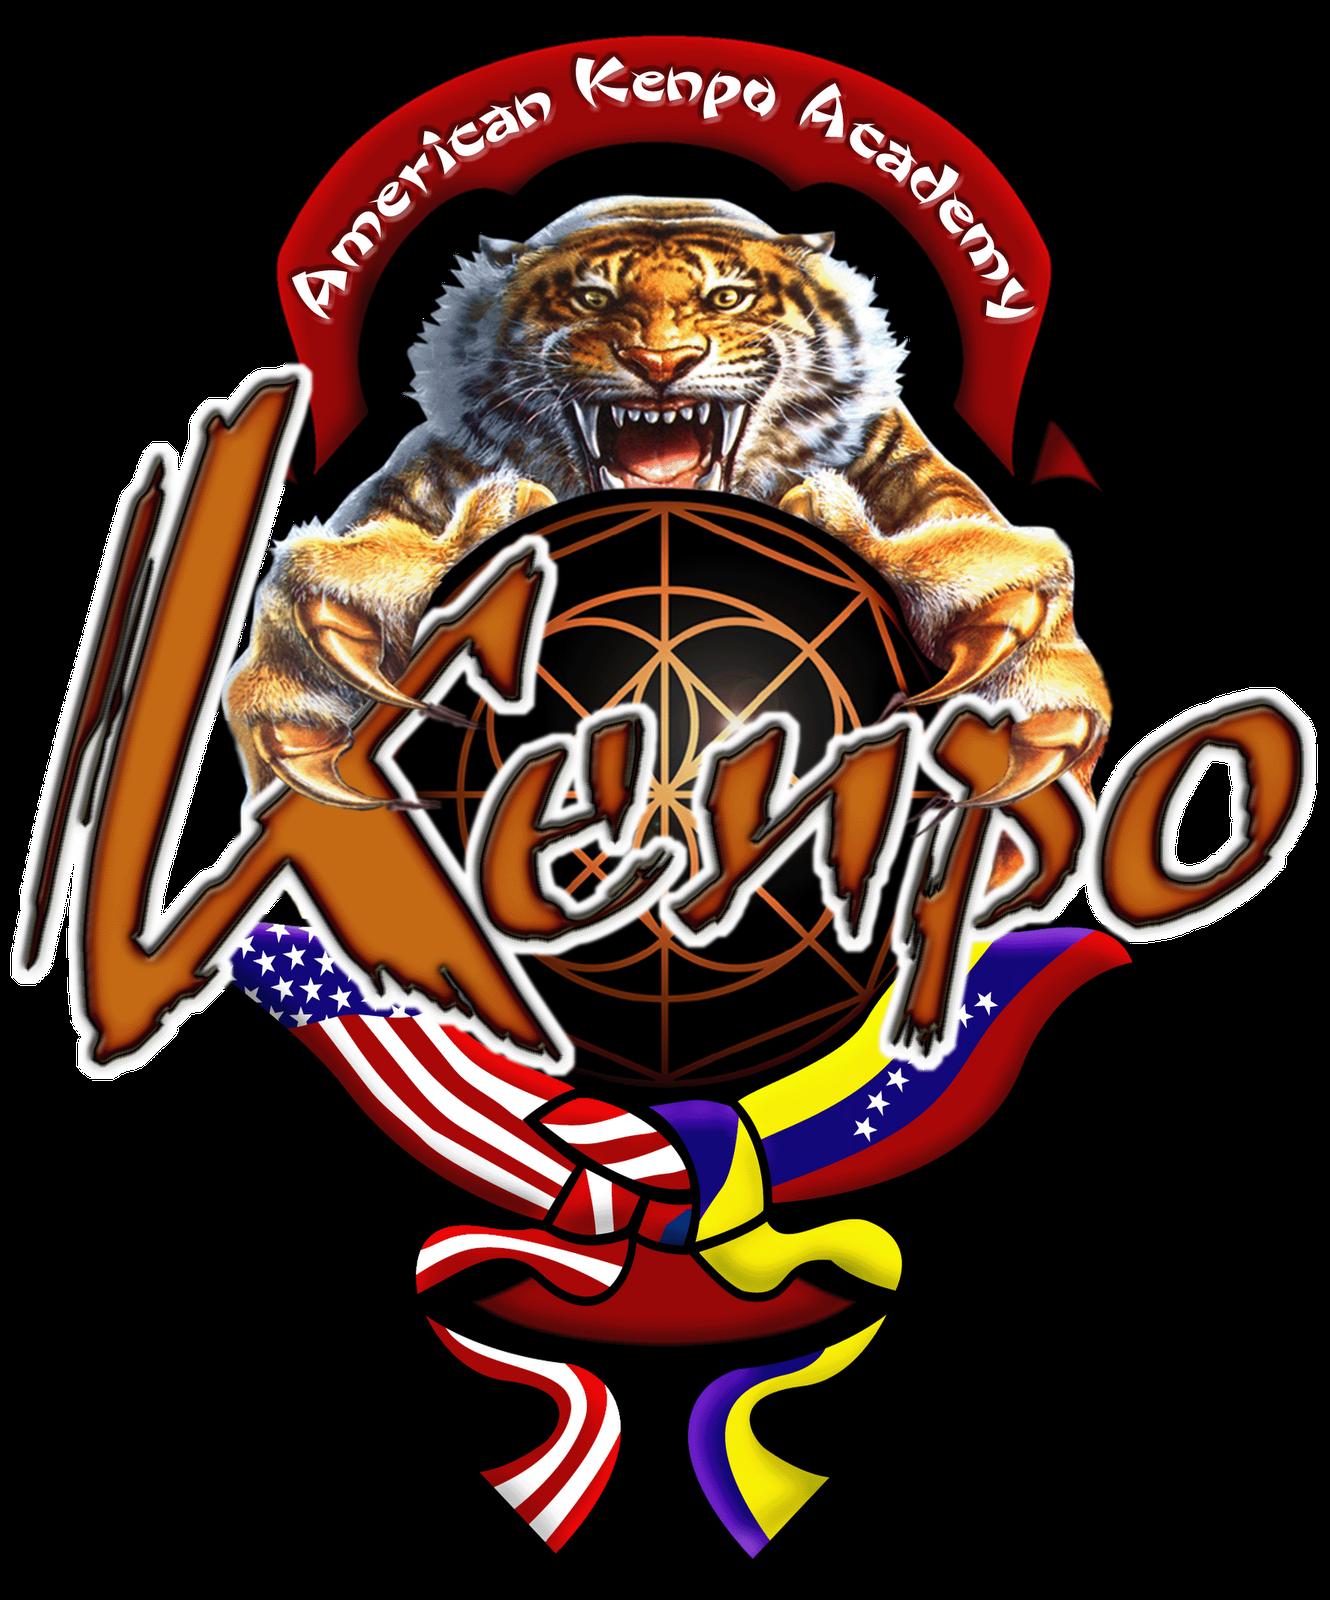 kenpo karate american kenpo internacional espaa estamos ubicados en 1330x1600